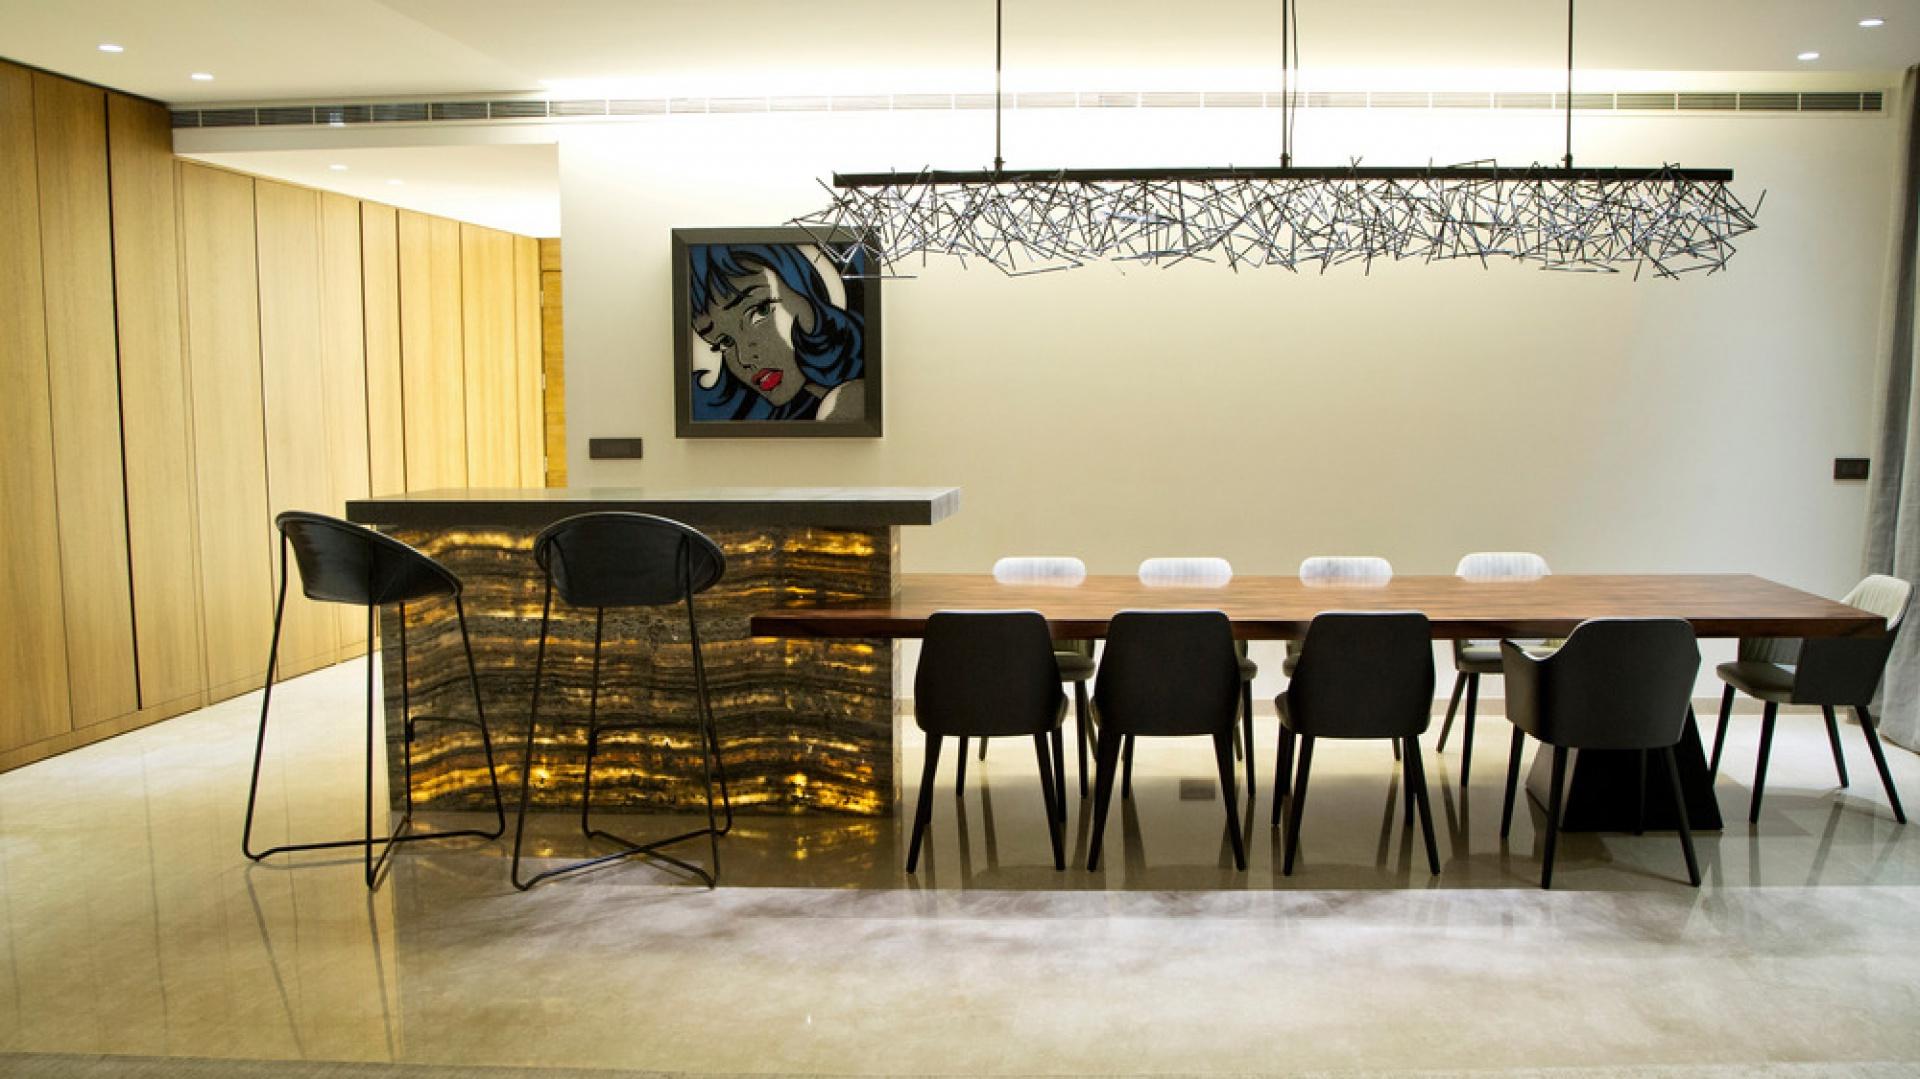 Wzdłuż ściany prowadzącej z holu do salonu poprowadzono wysoką zabudowę, która skrywa schowki i drzwi do pozostałych pomieszczeń mieszkania. Projekt: Ronald Helou Design. Fot. Rudy Bouchebel.